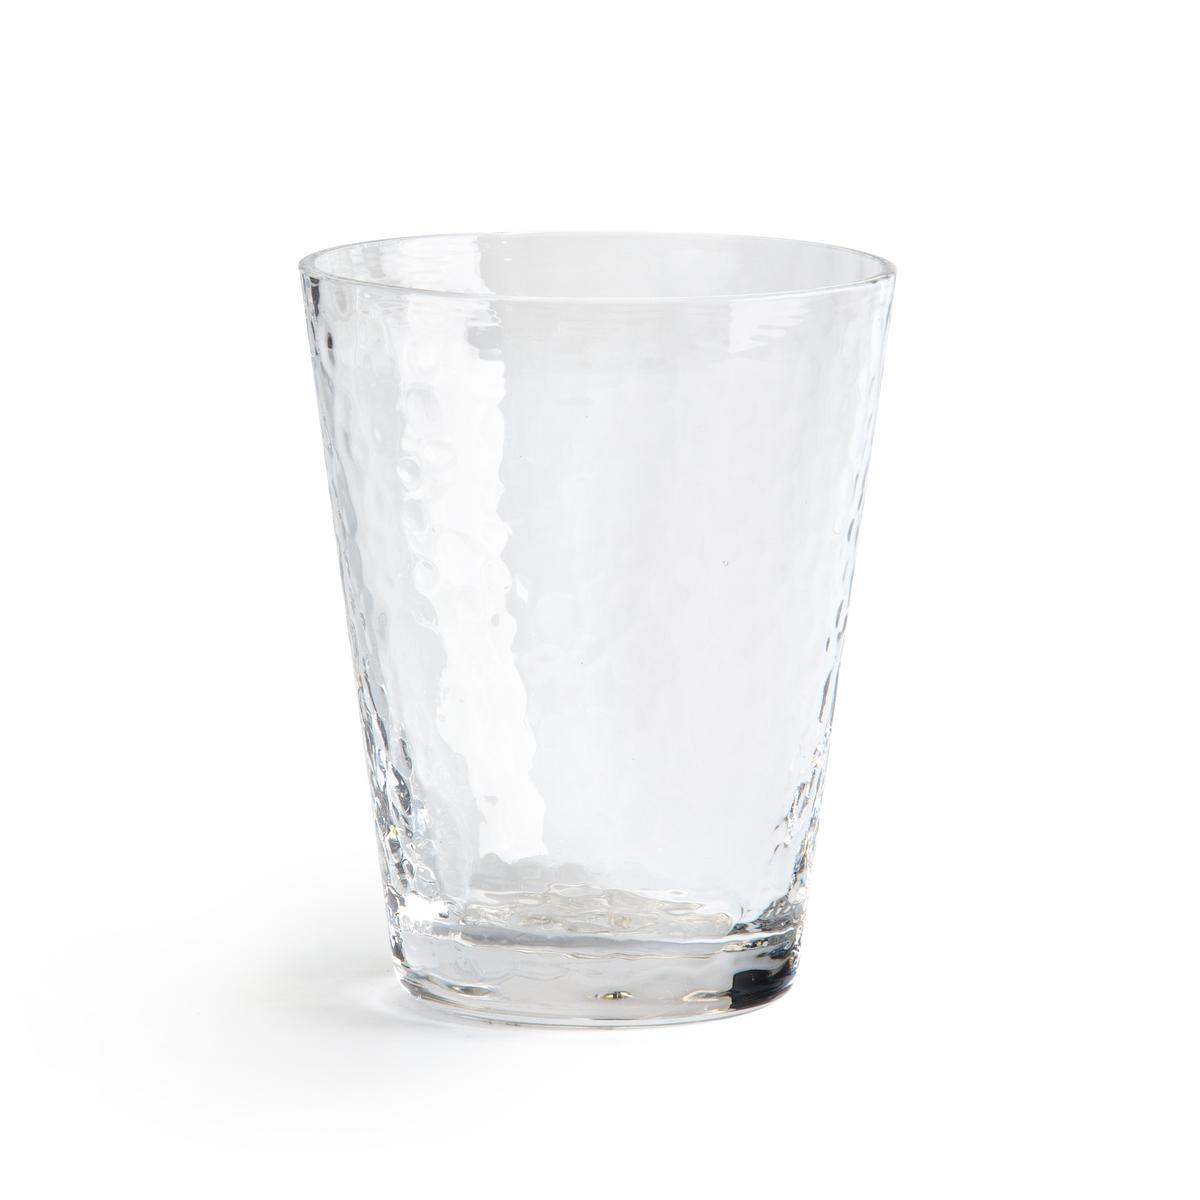 Комплект из 4 стаканов, CALDO La Redoute La Redoute единый размер другие комплект из 4 стаканов afroa la redoute la redoute единый размер другие